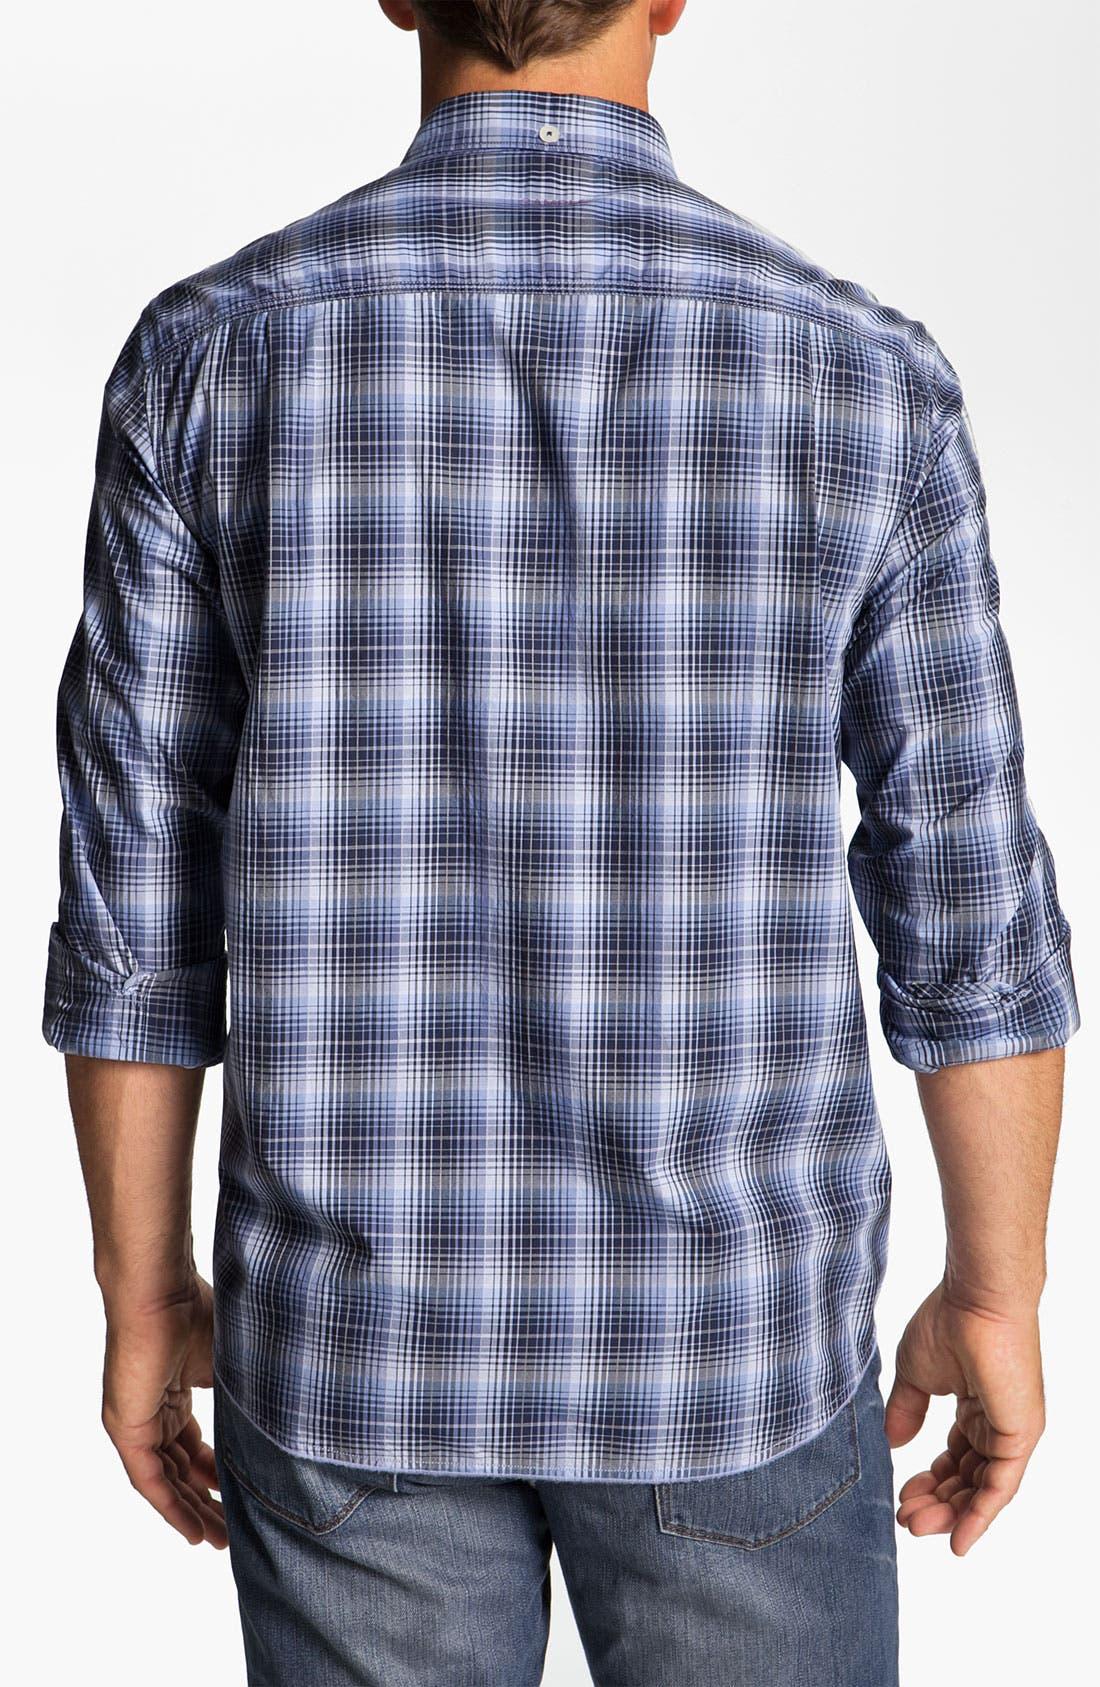 Alternate Image 2  - Tommy Bahama Denim 'Phan-Tastic Plaid' Sport Shirt